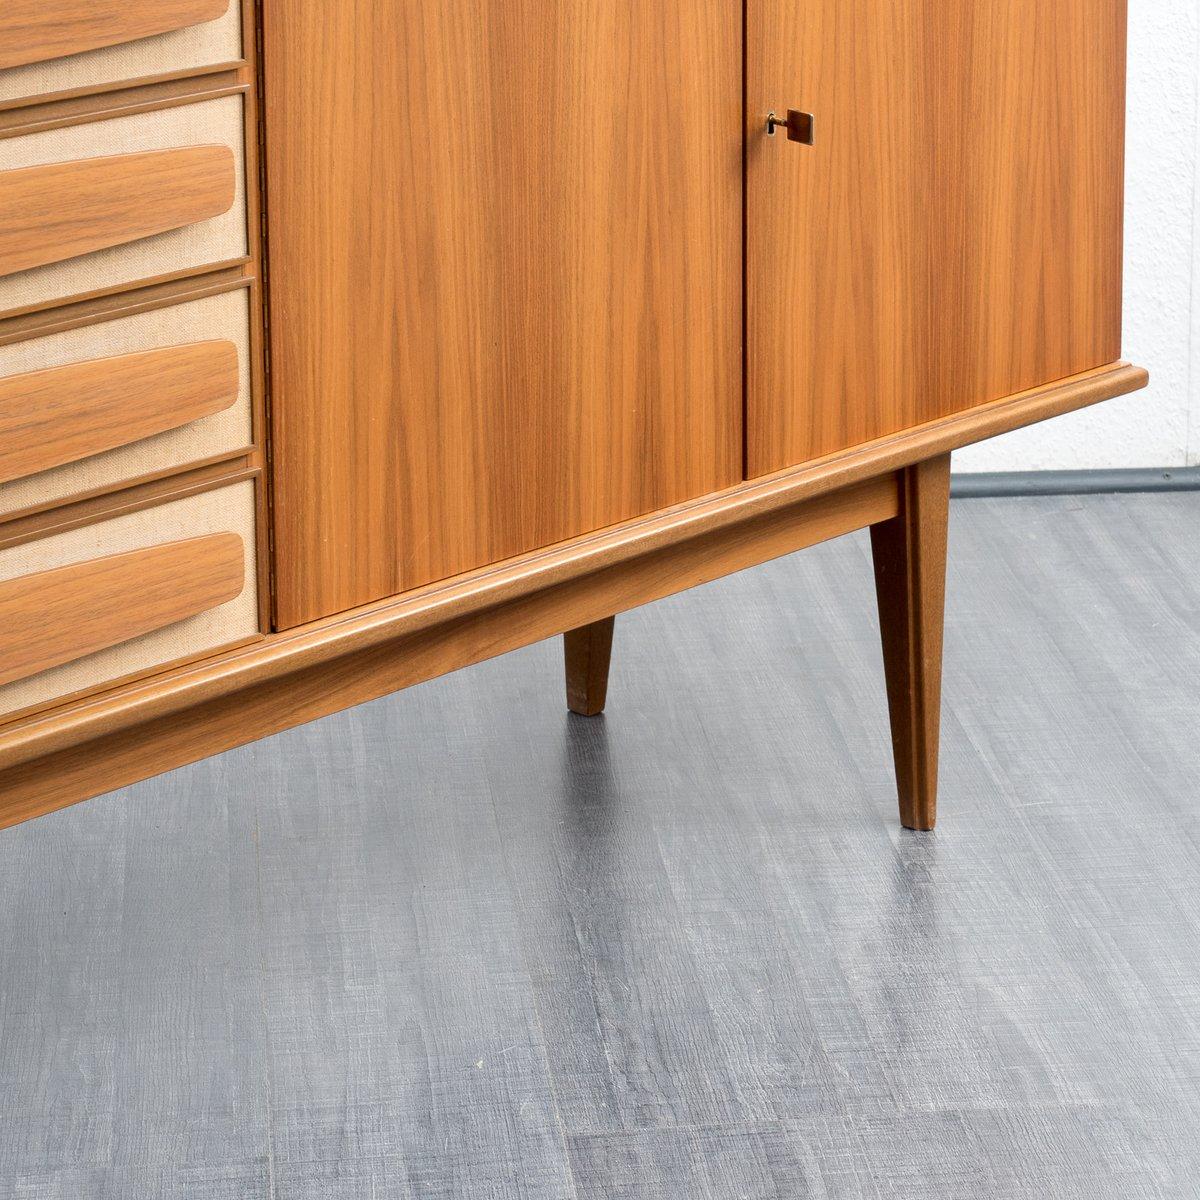 gro es nussbaum furnier sideboard 1960er bei pamono kaufen. Black Bedroom Furniture Sets. Home Design Ideas